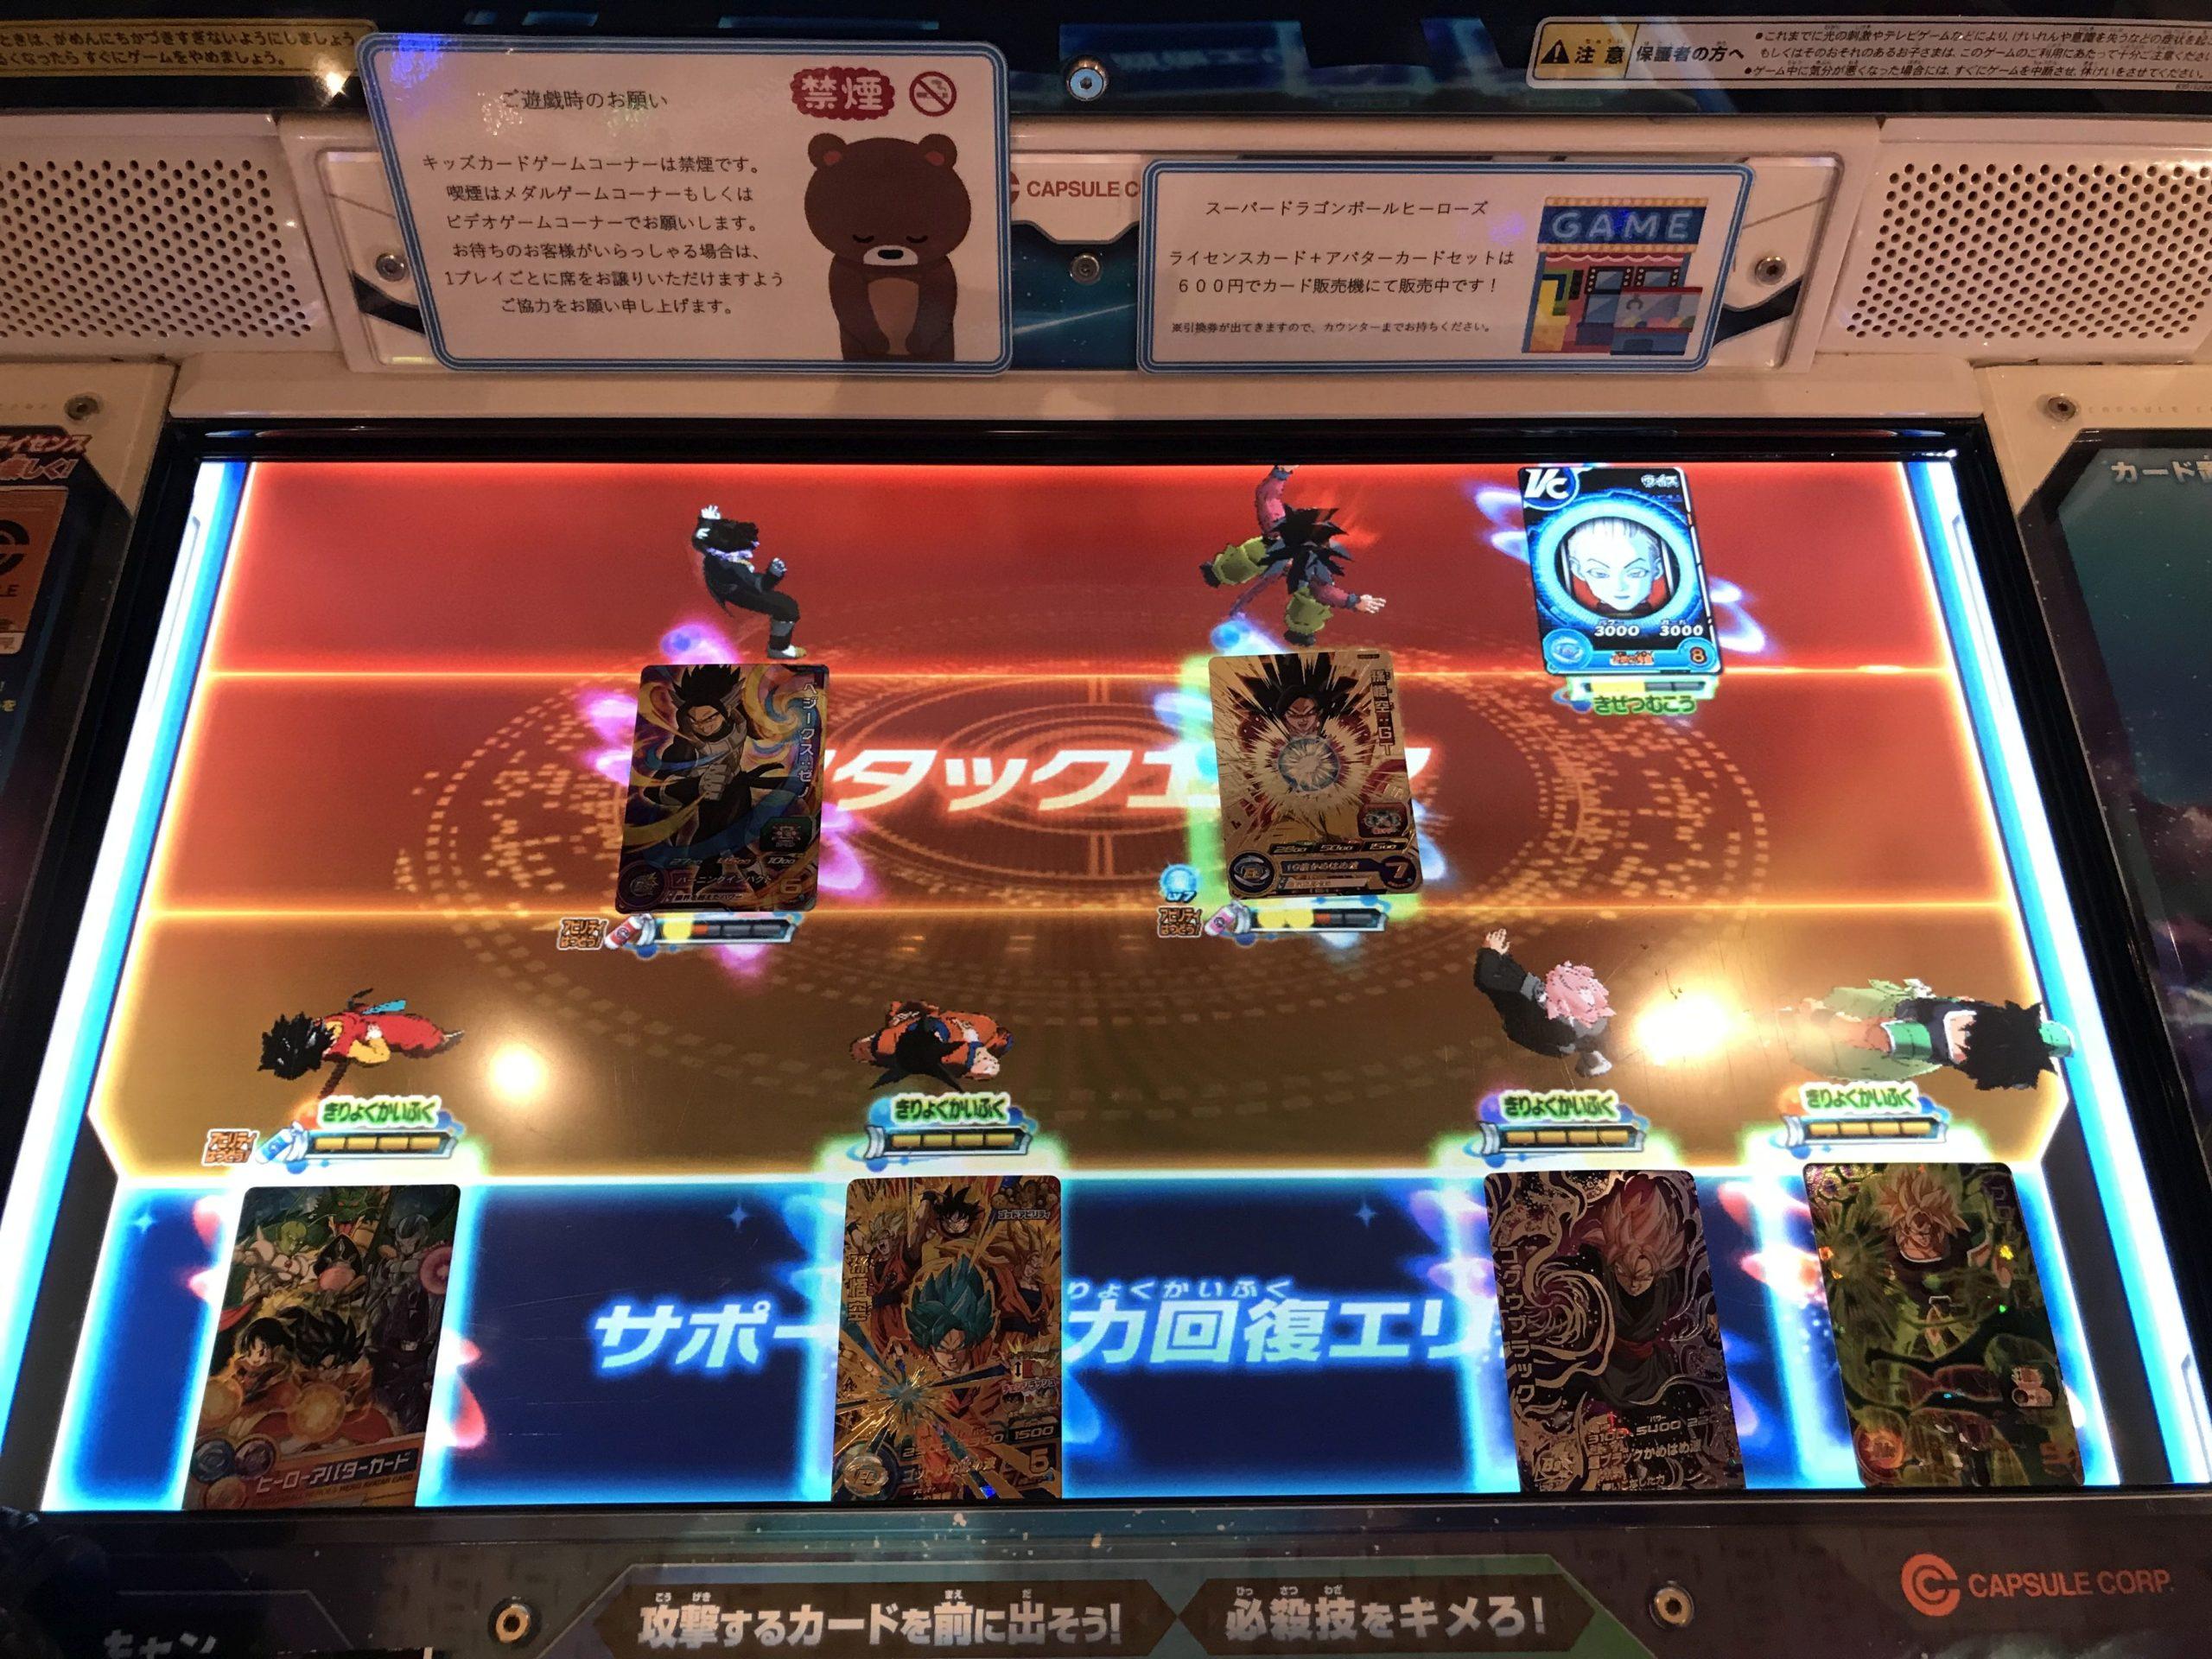 Super Dragon Ball Heroes: Élménybeszámoló egy rajongótól, aki Japánban élt 21